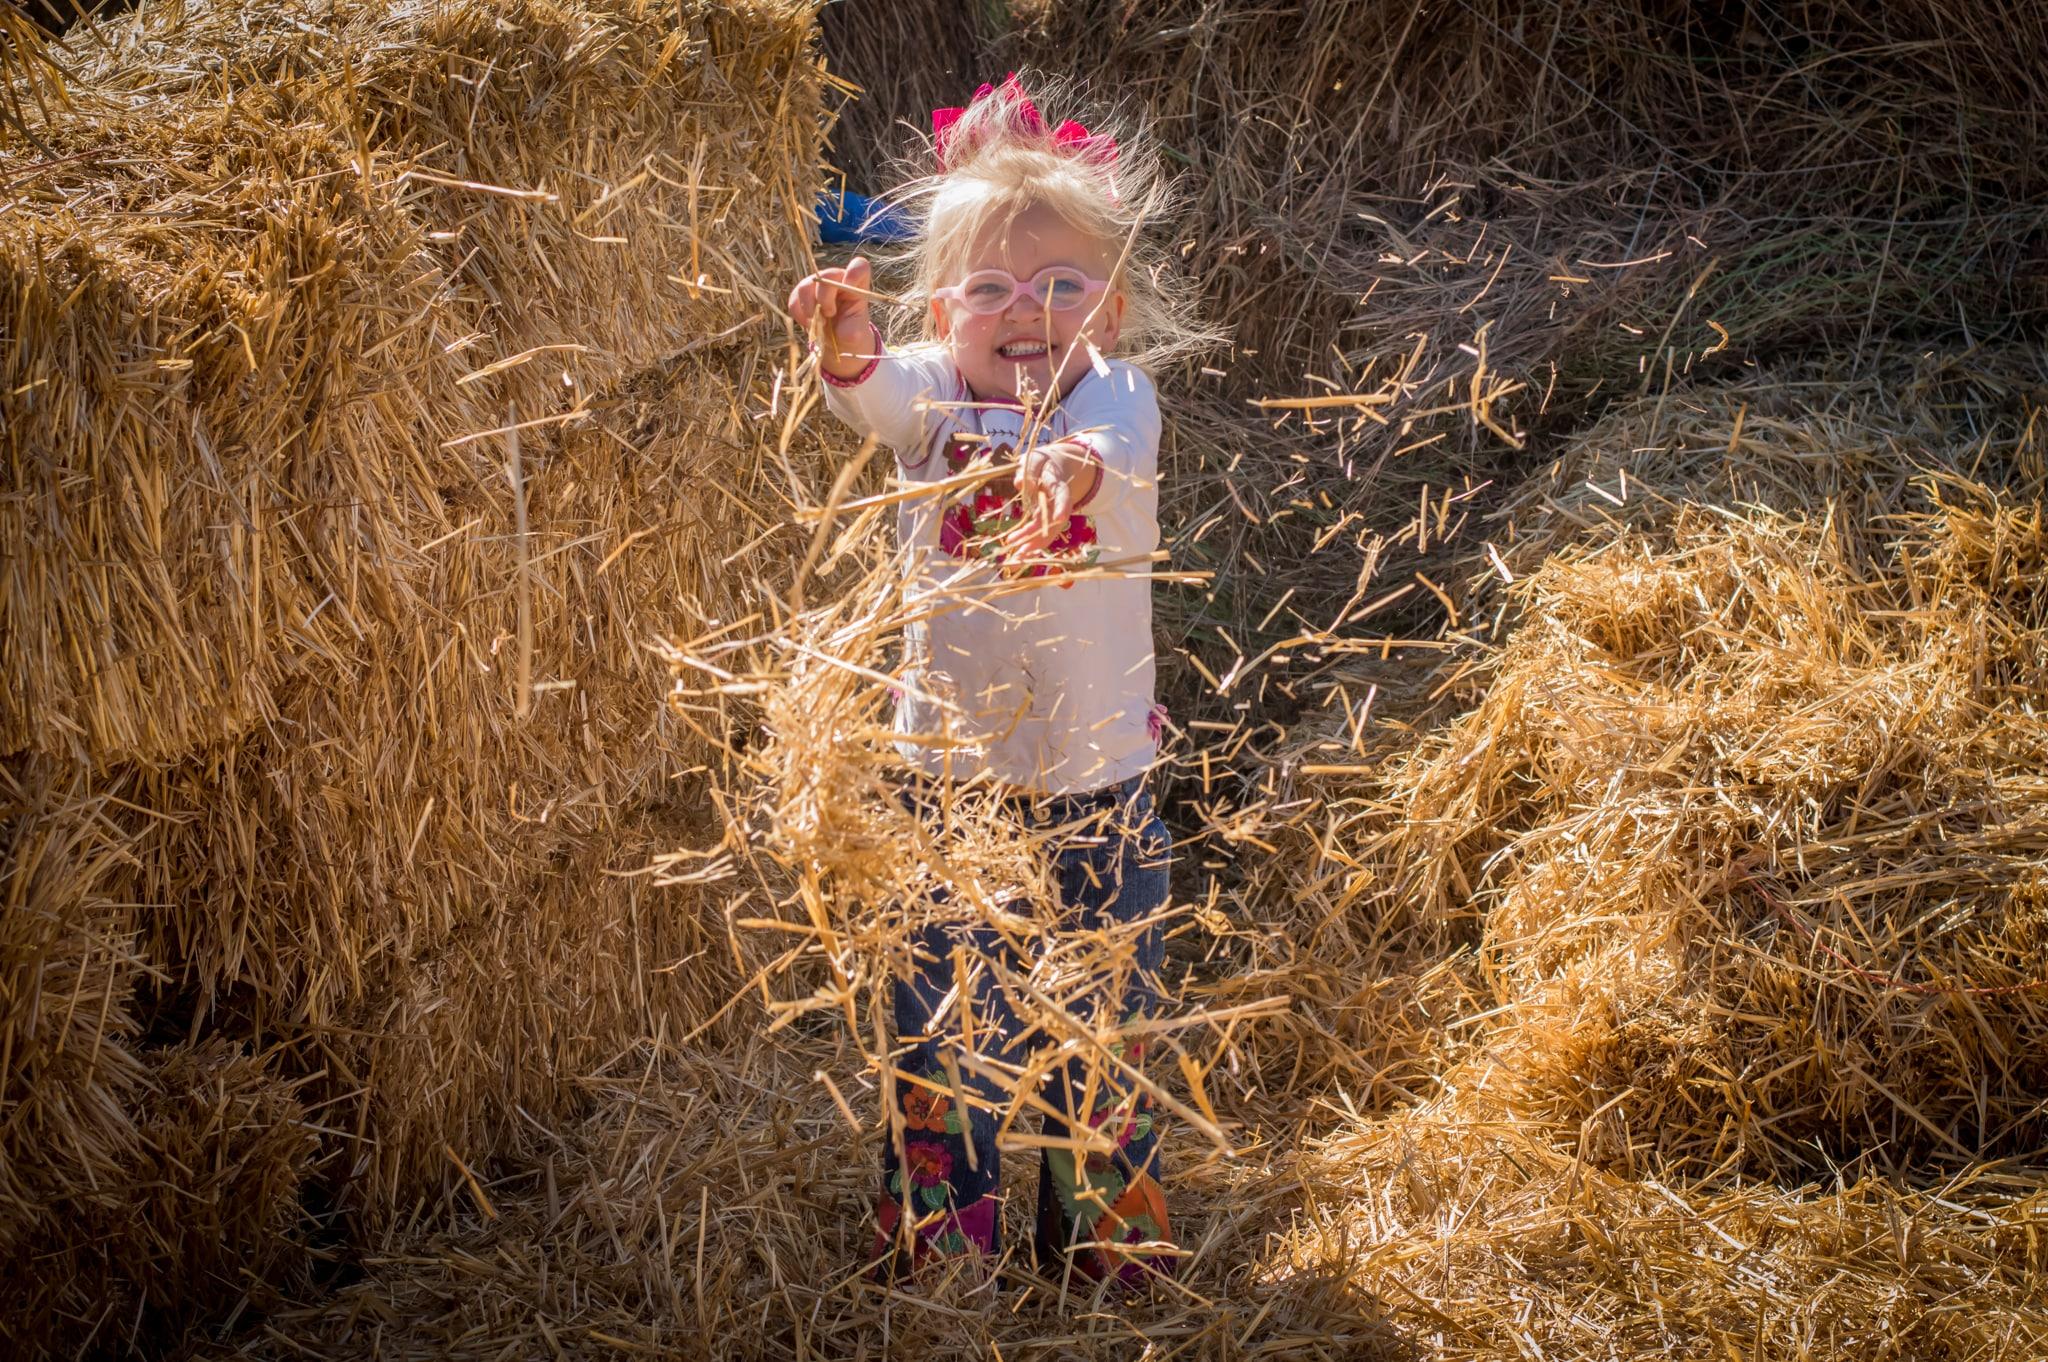 Halloween Mazes 2020 Oklahoma 2020 Pumpkin Patches & Farm Fun near OKC   MetroFamily Magazine